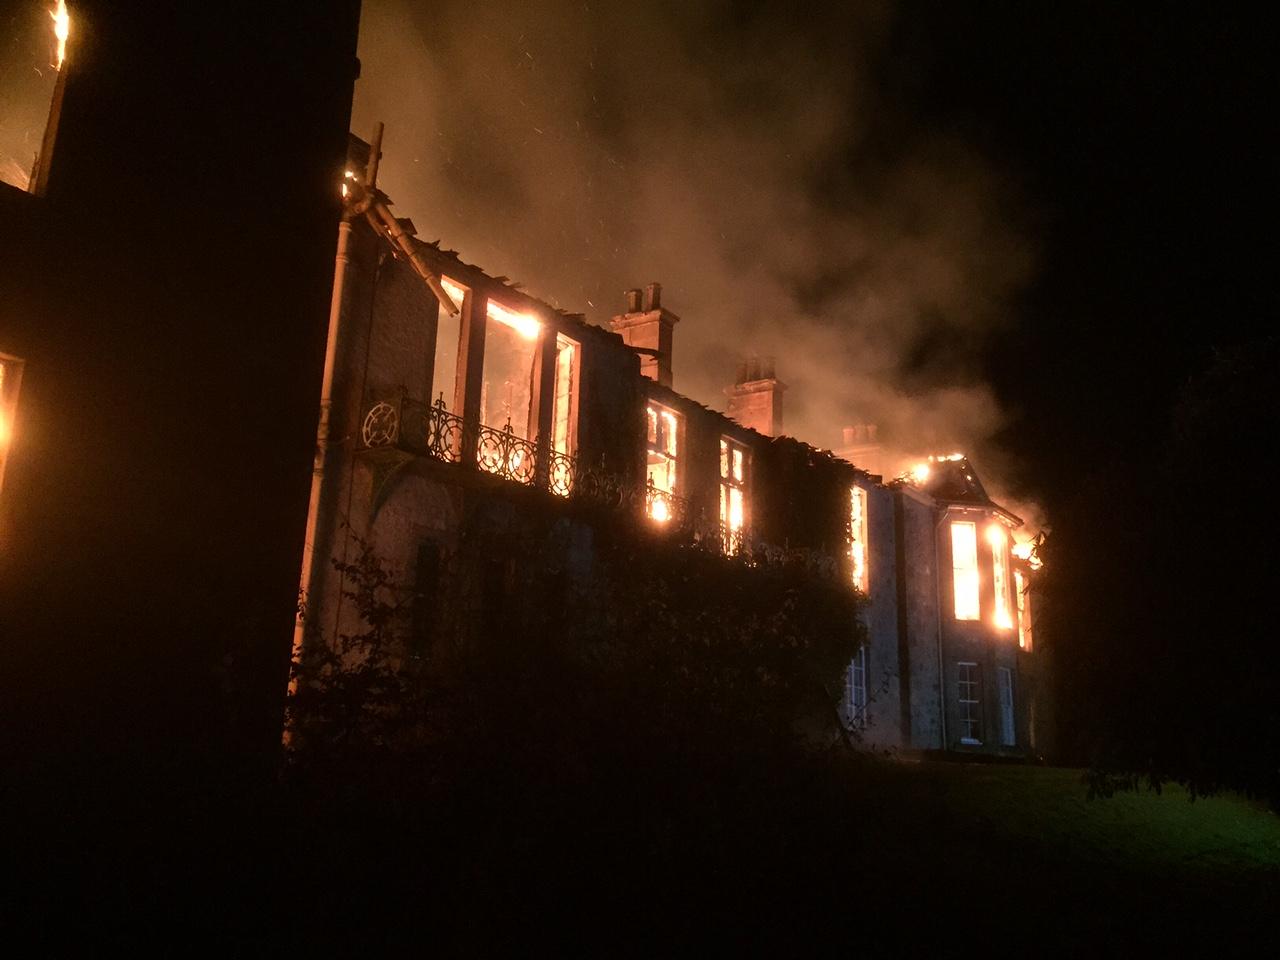 SFRS still at scene of house fire outside Elgin